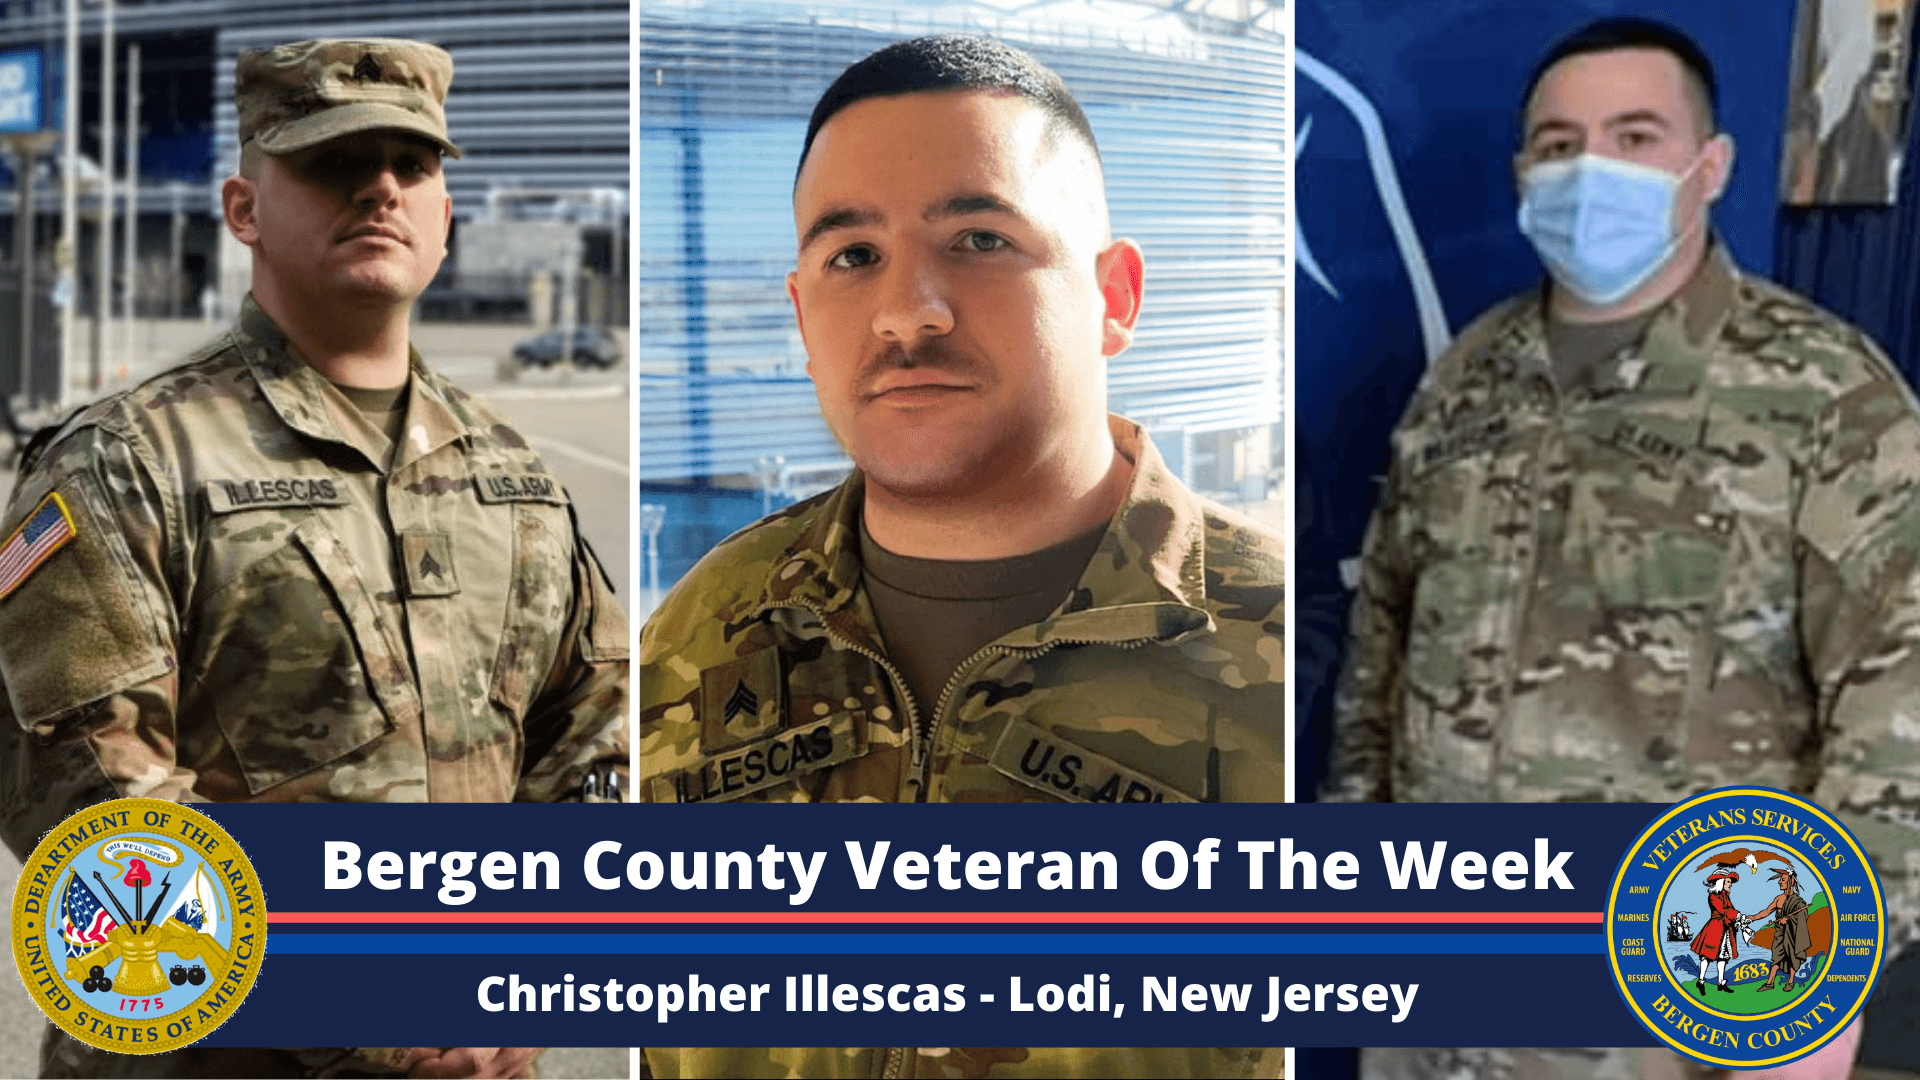 Bergen County Veteran of the Week: Christopher Illescas